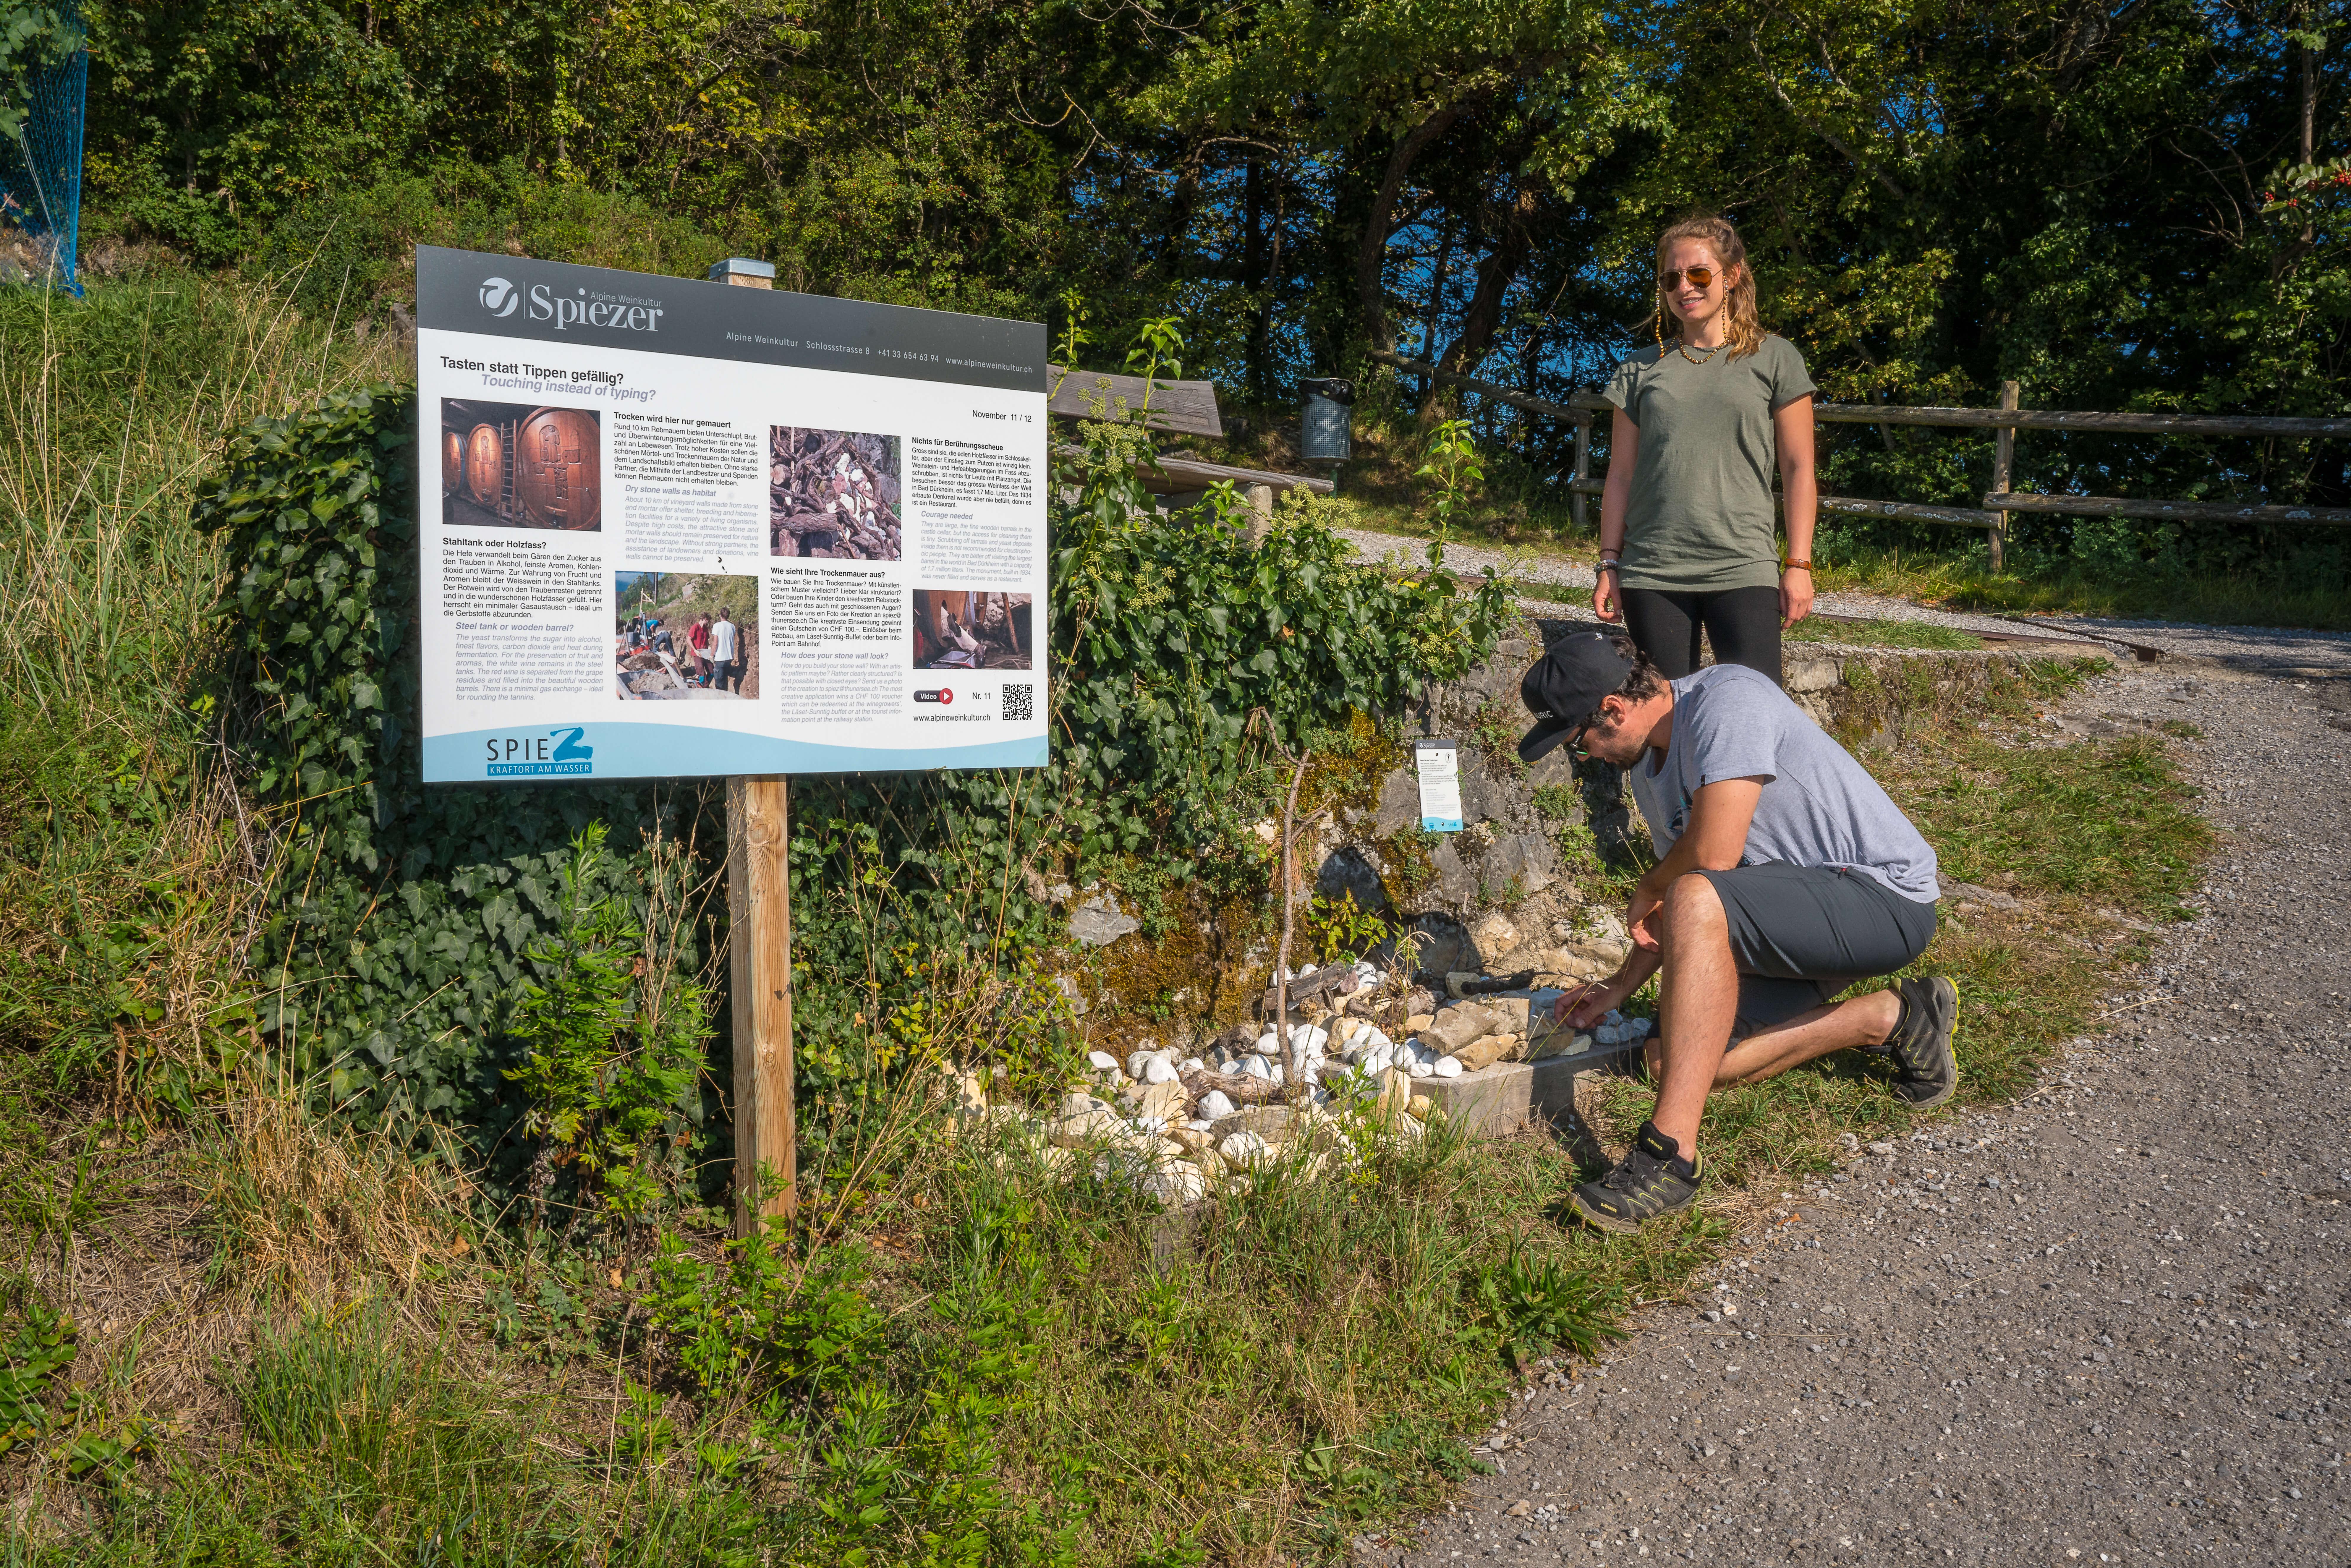 wandern-erlebnispfad am rebberg-steinmauer-spiez-sommer.jpg